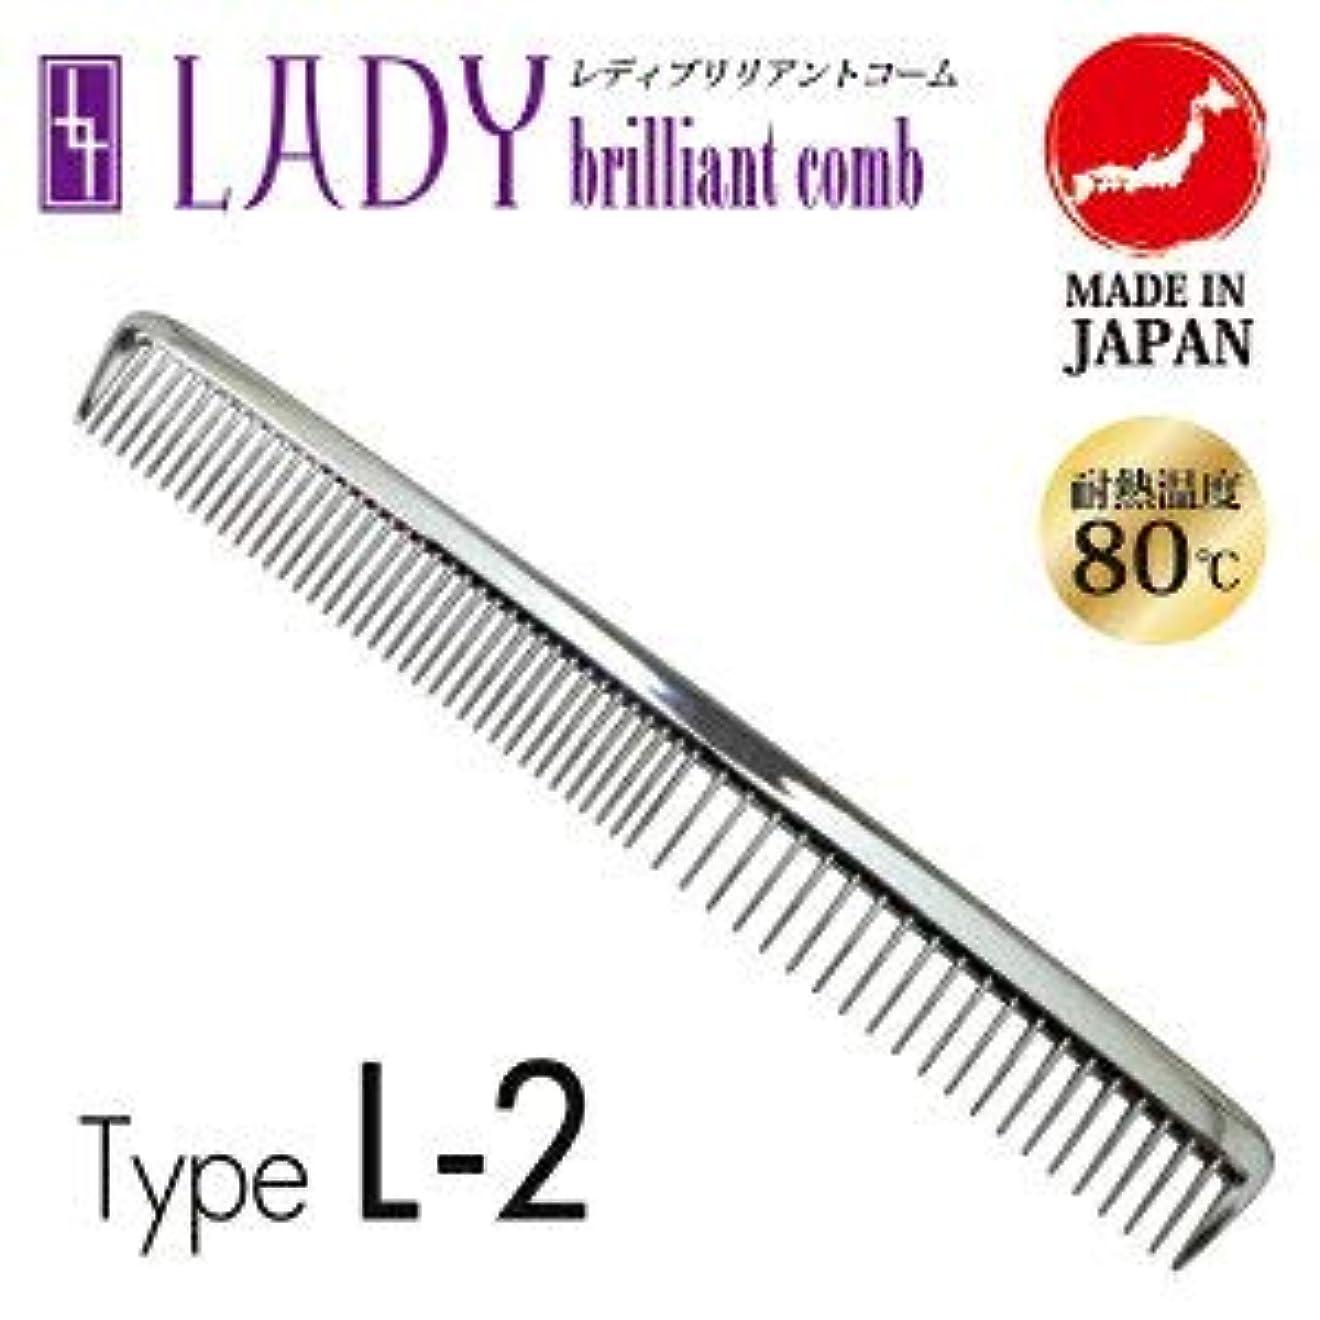 いいね断片熟達【生産終了】レディブリリアントコーム L-2